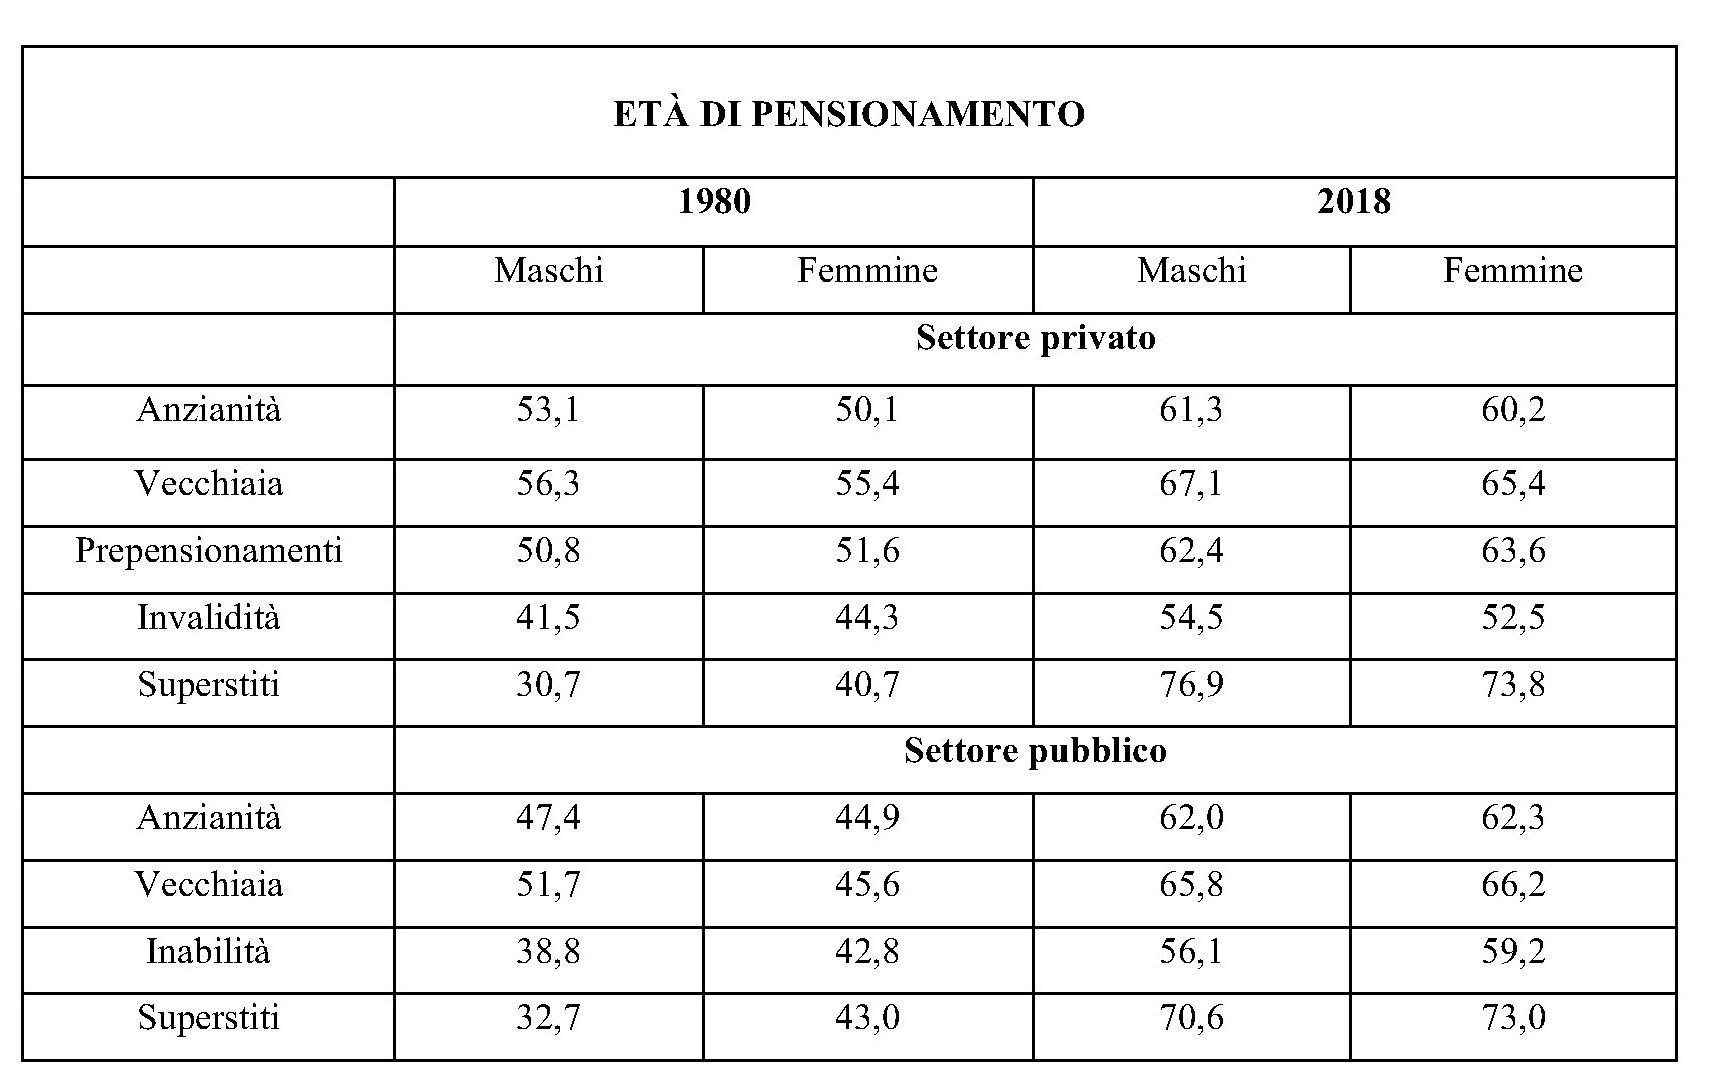 Reddito di cittadinanza agli italiani e su base geografica